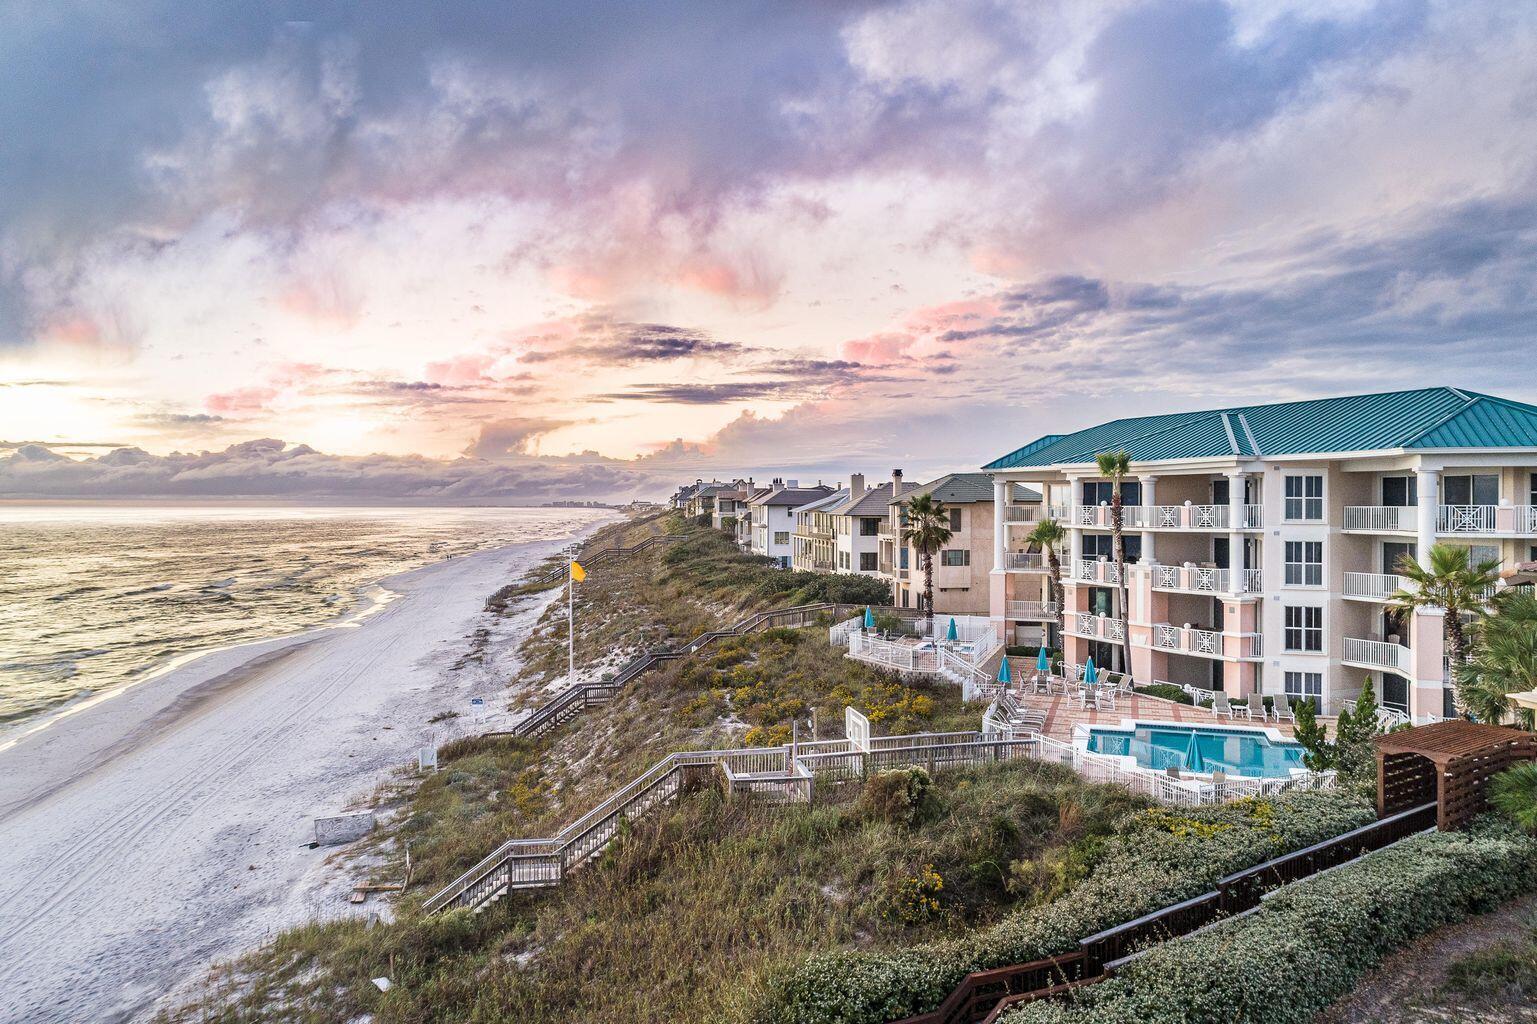 Inn at Blue Mountain Beach